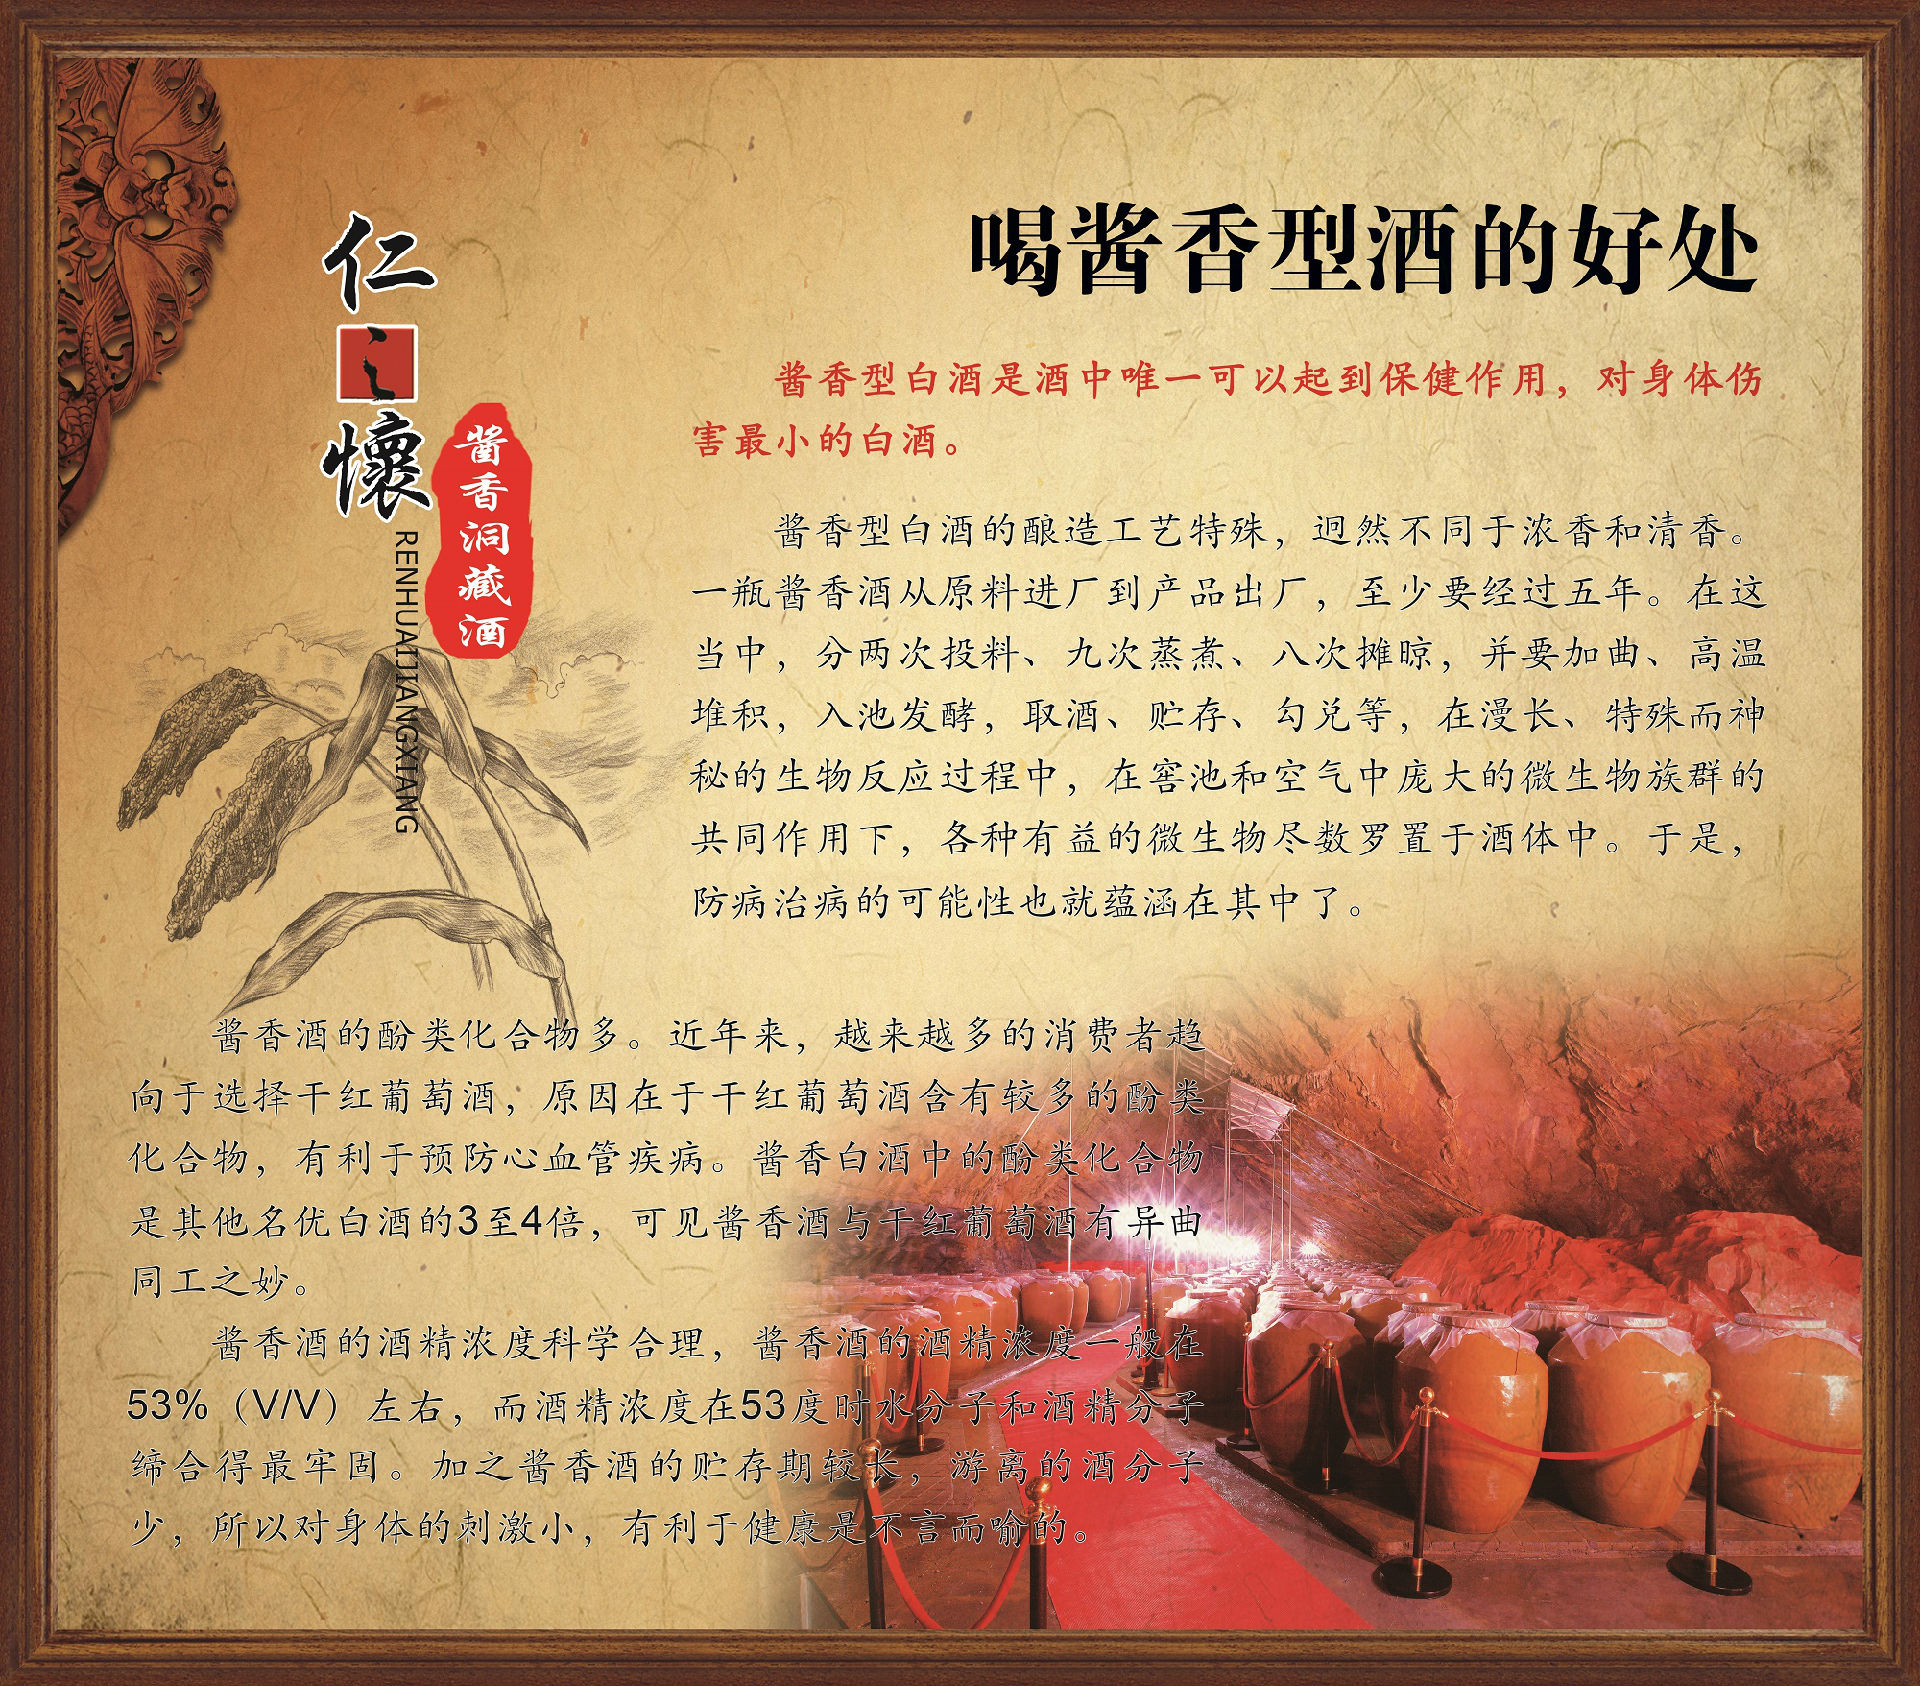 保健酒_低价保健酒相关-贵州仁之怀酒莊管理有限公司